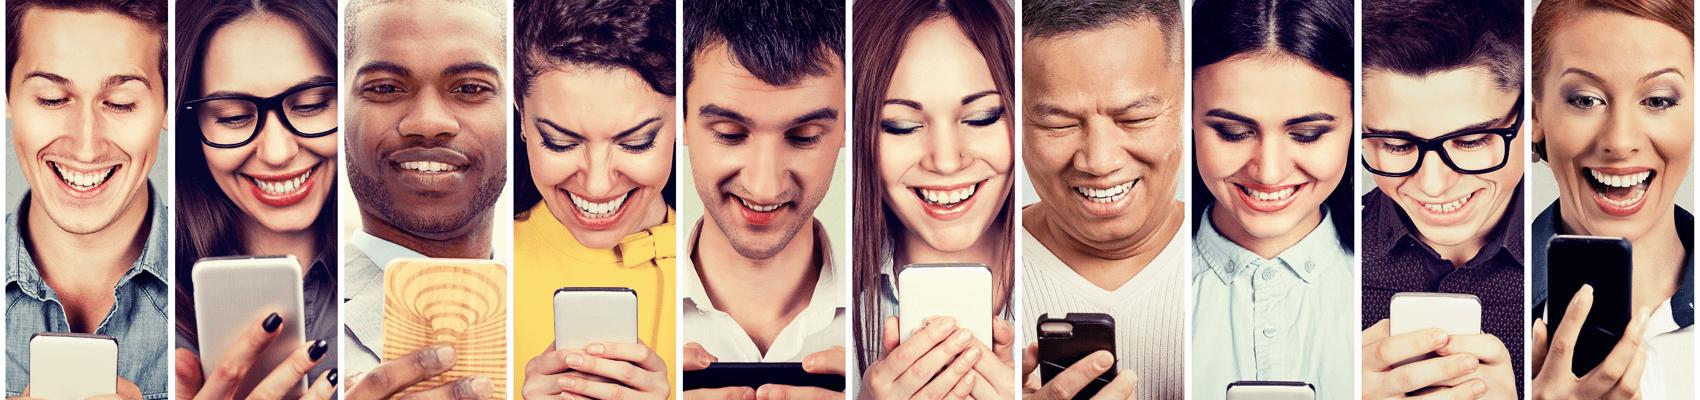 Internet mobilny w niemczech